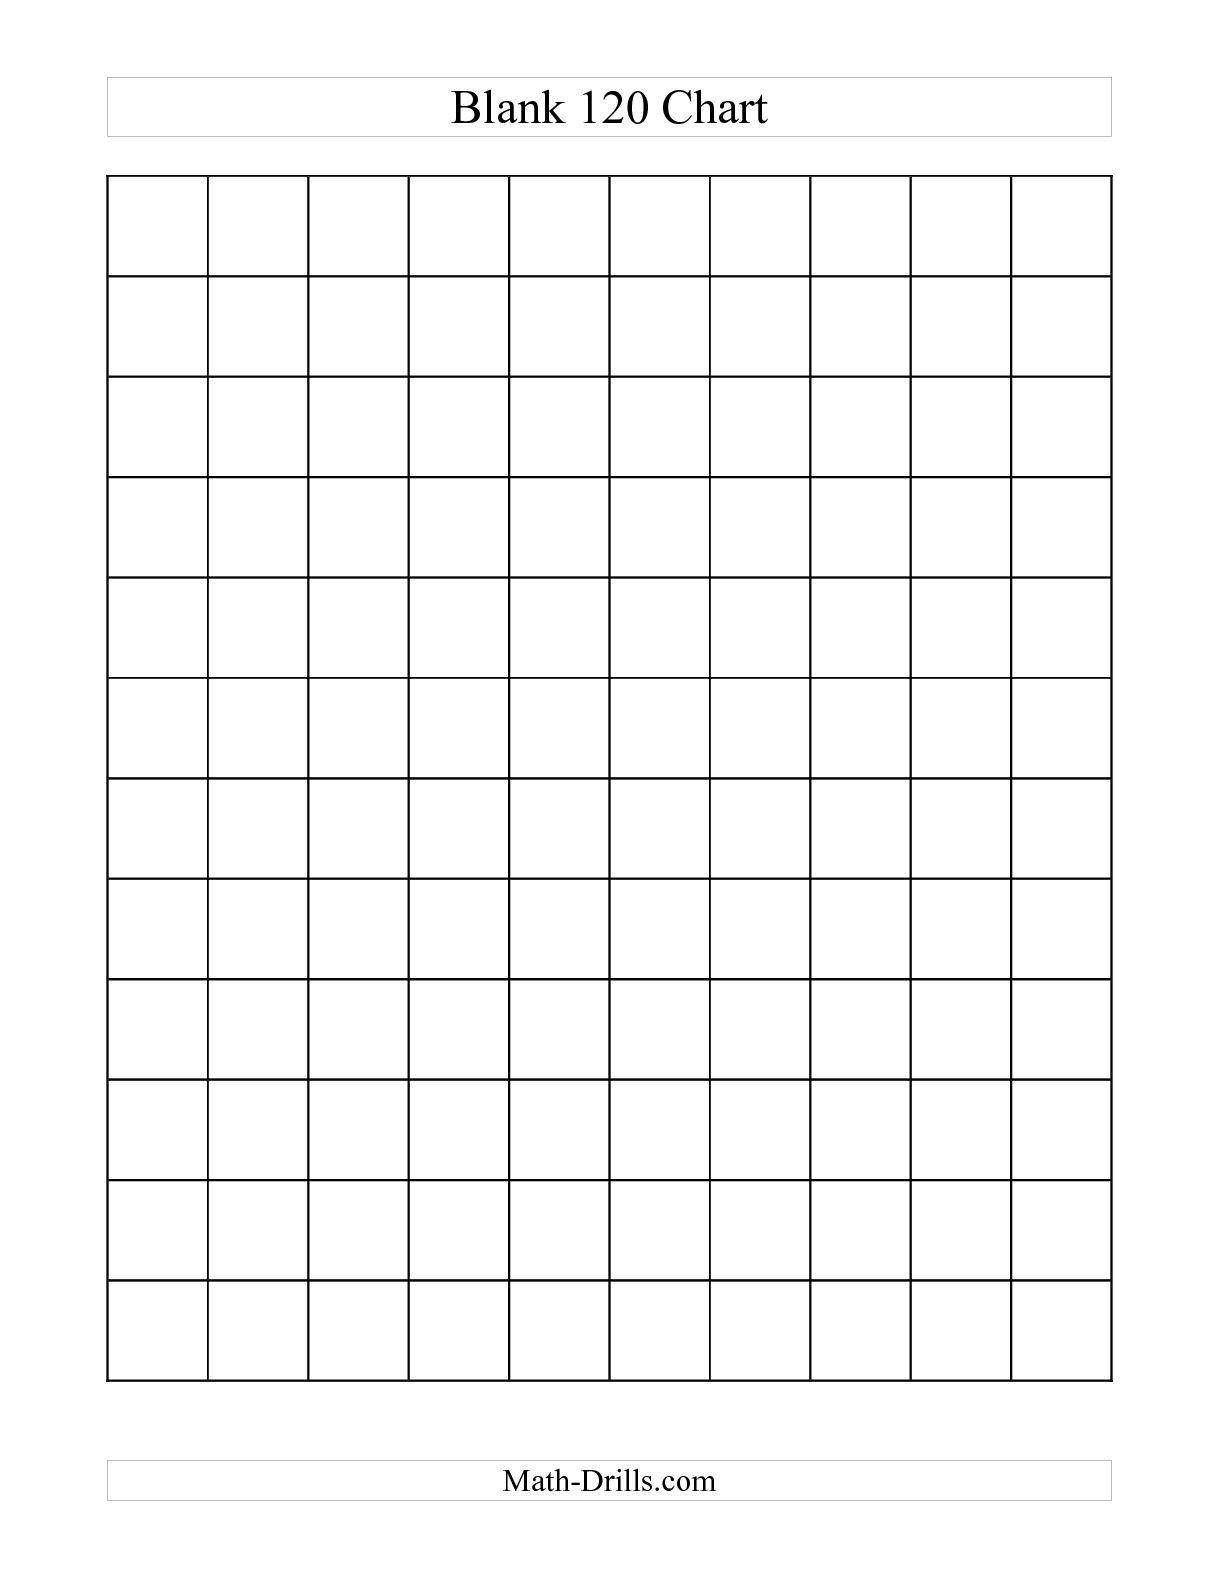 Math : Blank Hundreds Chart Blank Hundreds Chart Grid. Blank - Free Printable Hundreds Chart